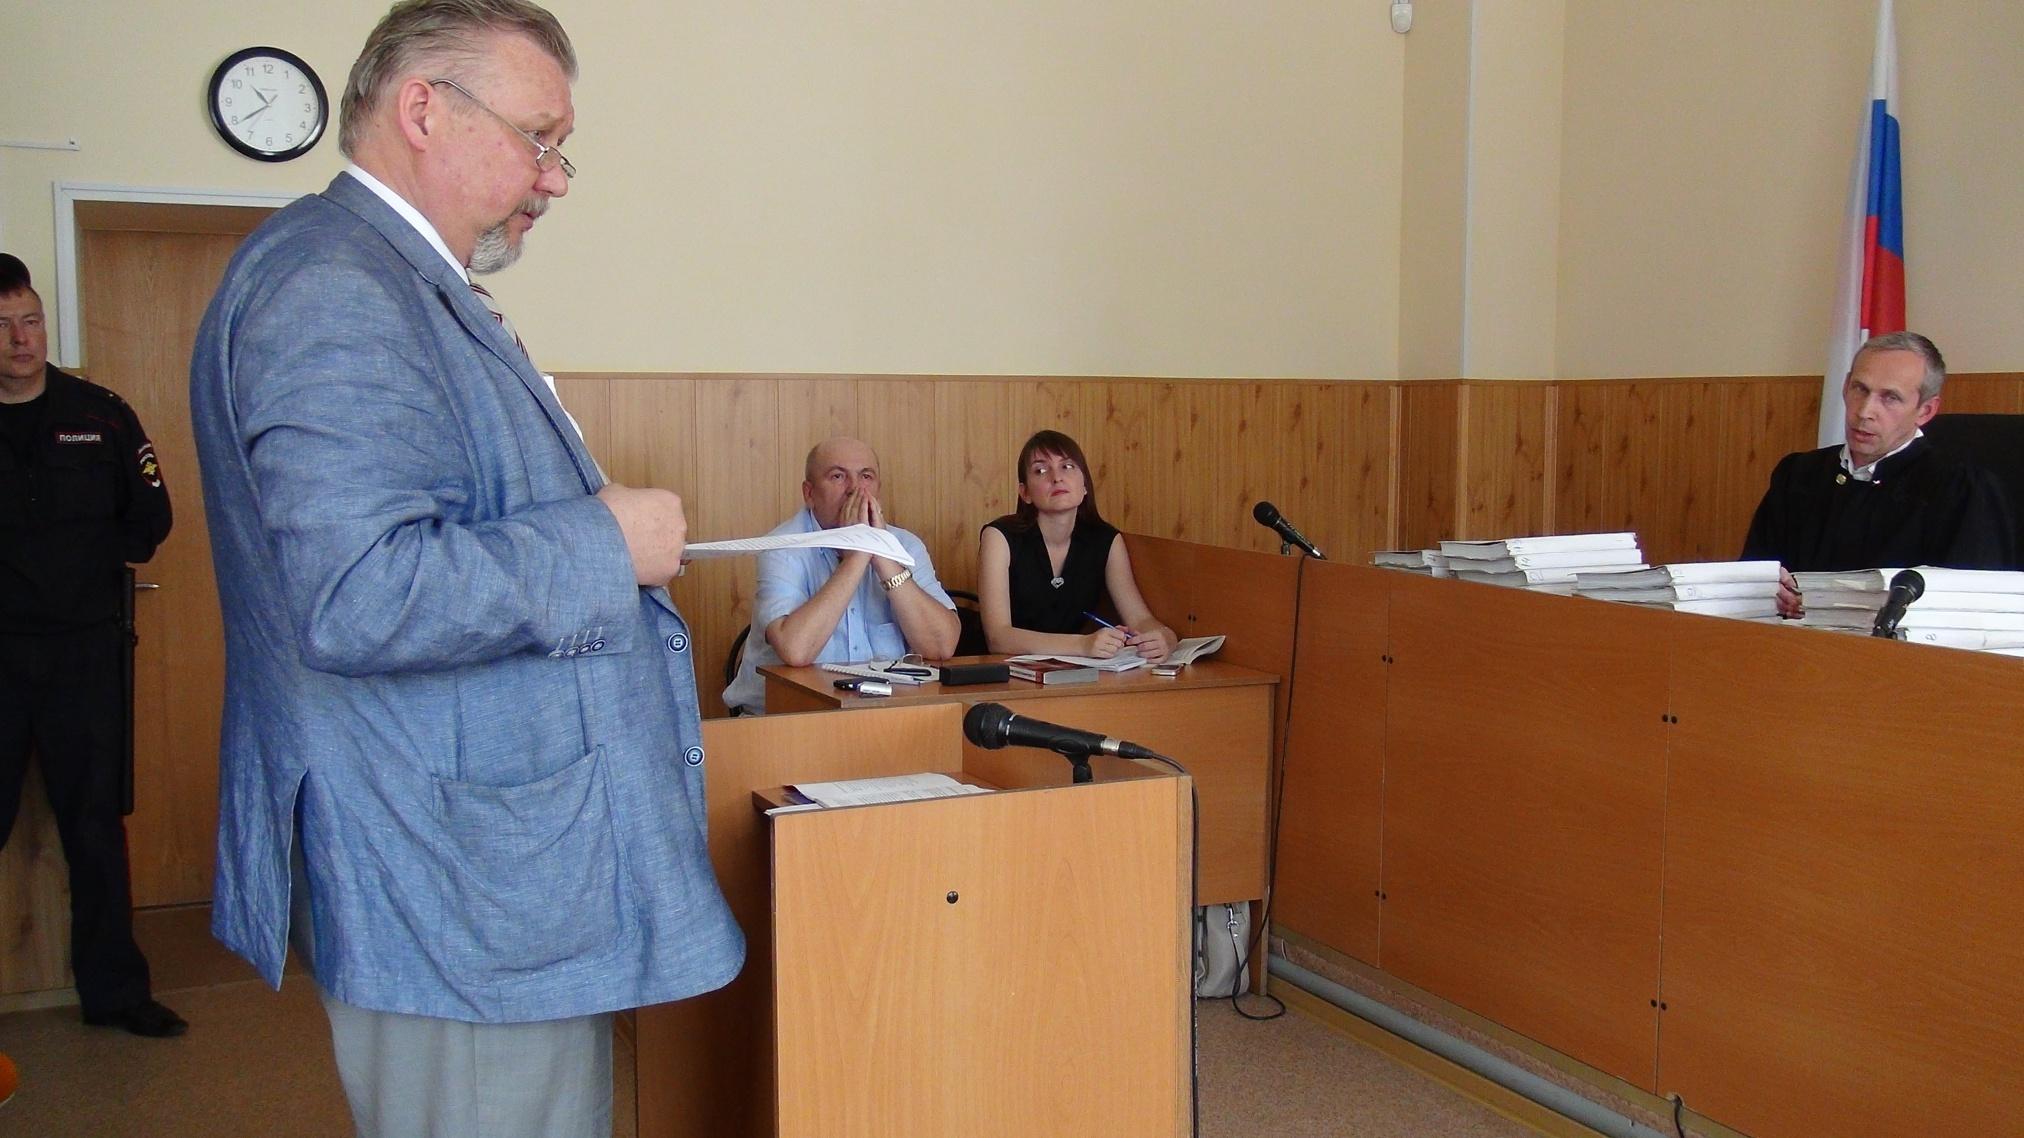 Адвокатов экс-судьи Хохловой могут лишить практики